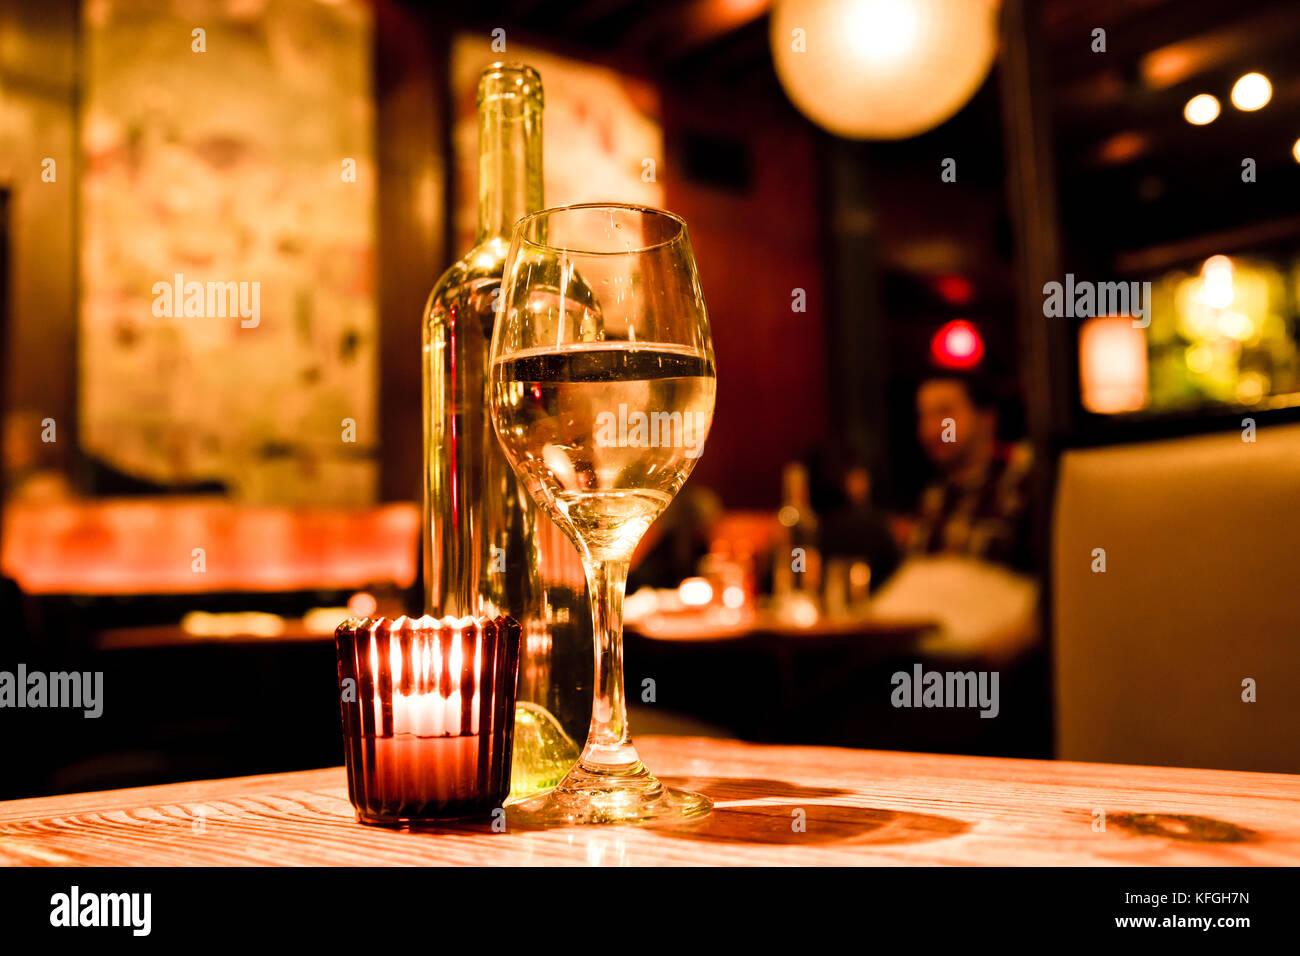 Wein Glas, Flasche und Kerze auf dem Tisch im Restaurant mit warmem Licht Stockbild